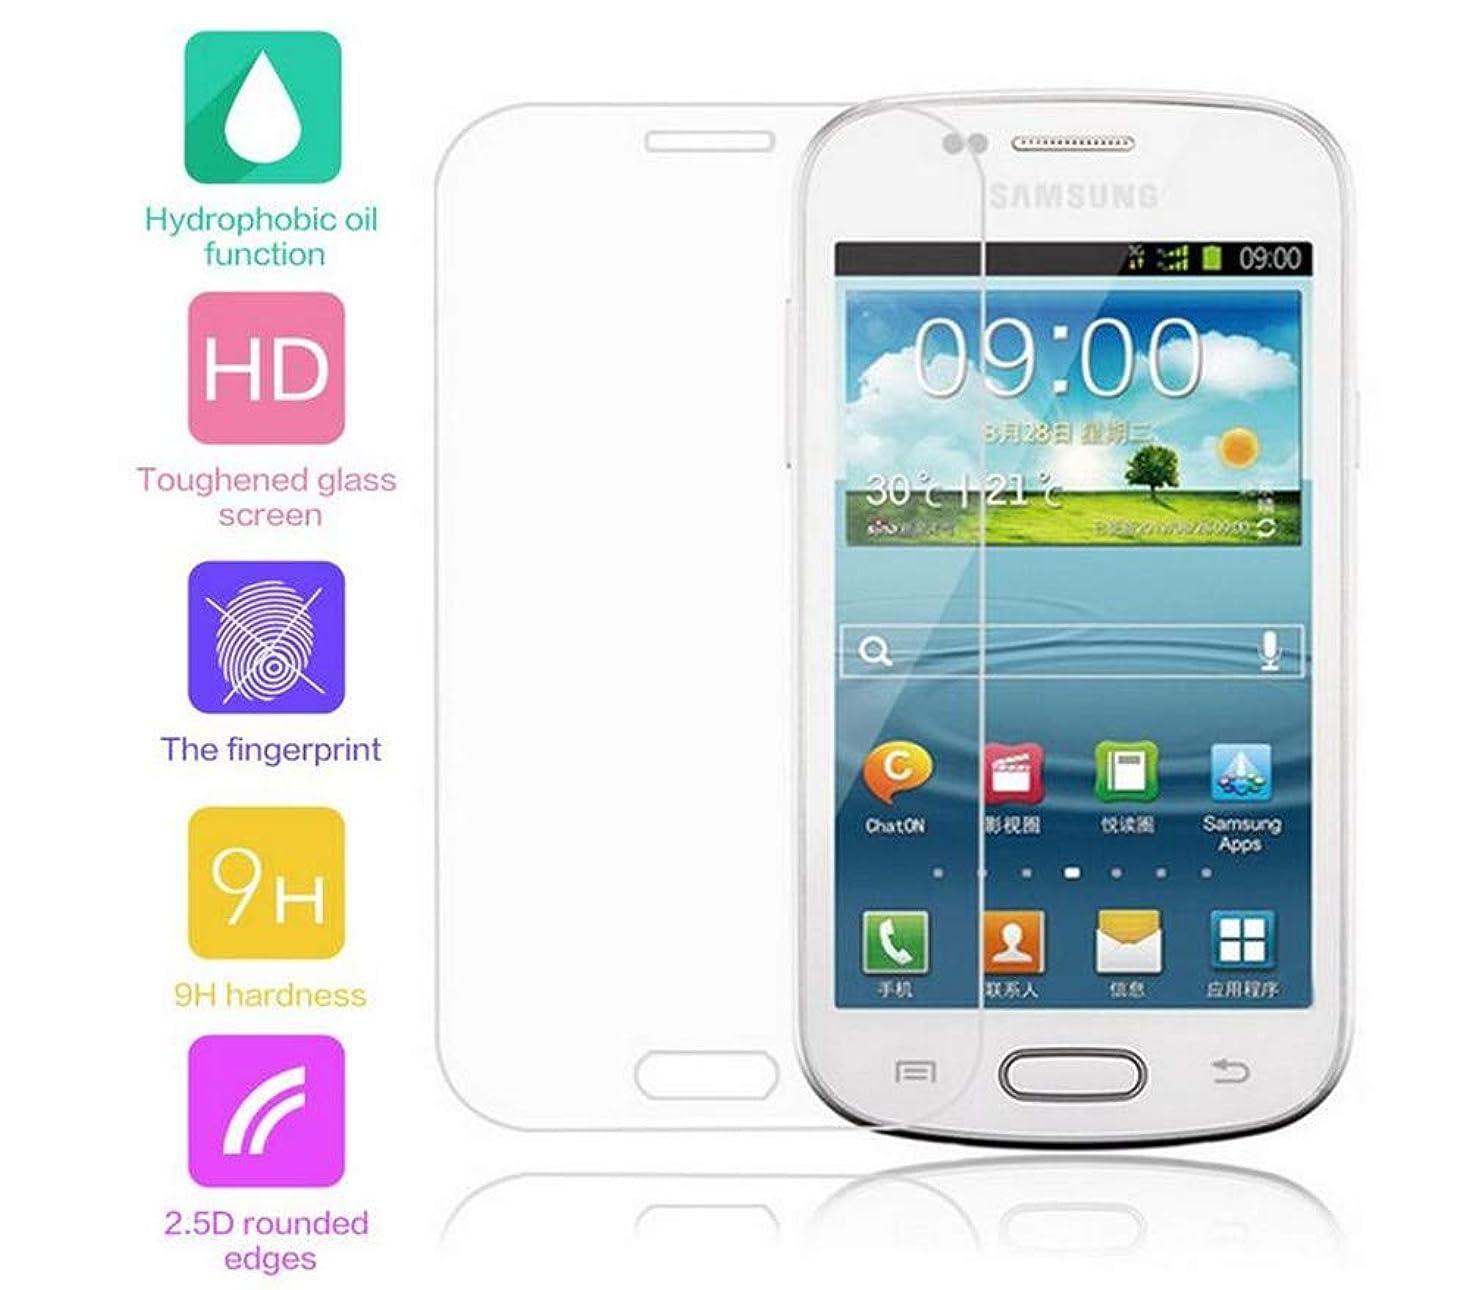 宴会適合しました共和党Abtory Galaxy Win Pro G3812 G3818 保護ガラスフィルム, A保護ガラスフィルム 耐衝撃 指紋防止 気泡ゼロ スクラッチ防止 超薄型 強化ガラスfor Samsung Galaxy Win Pro G3812 G3818 [2 Pack]